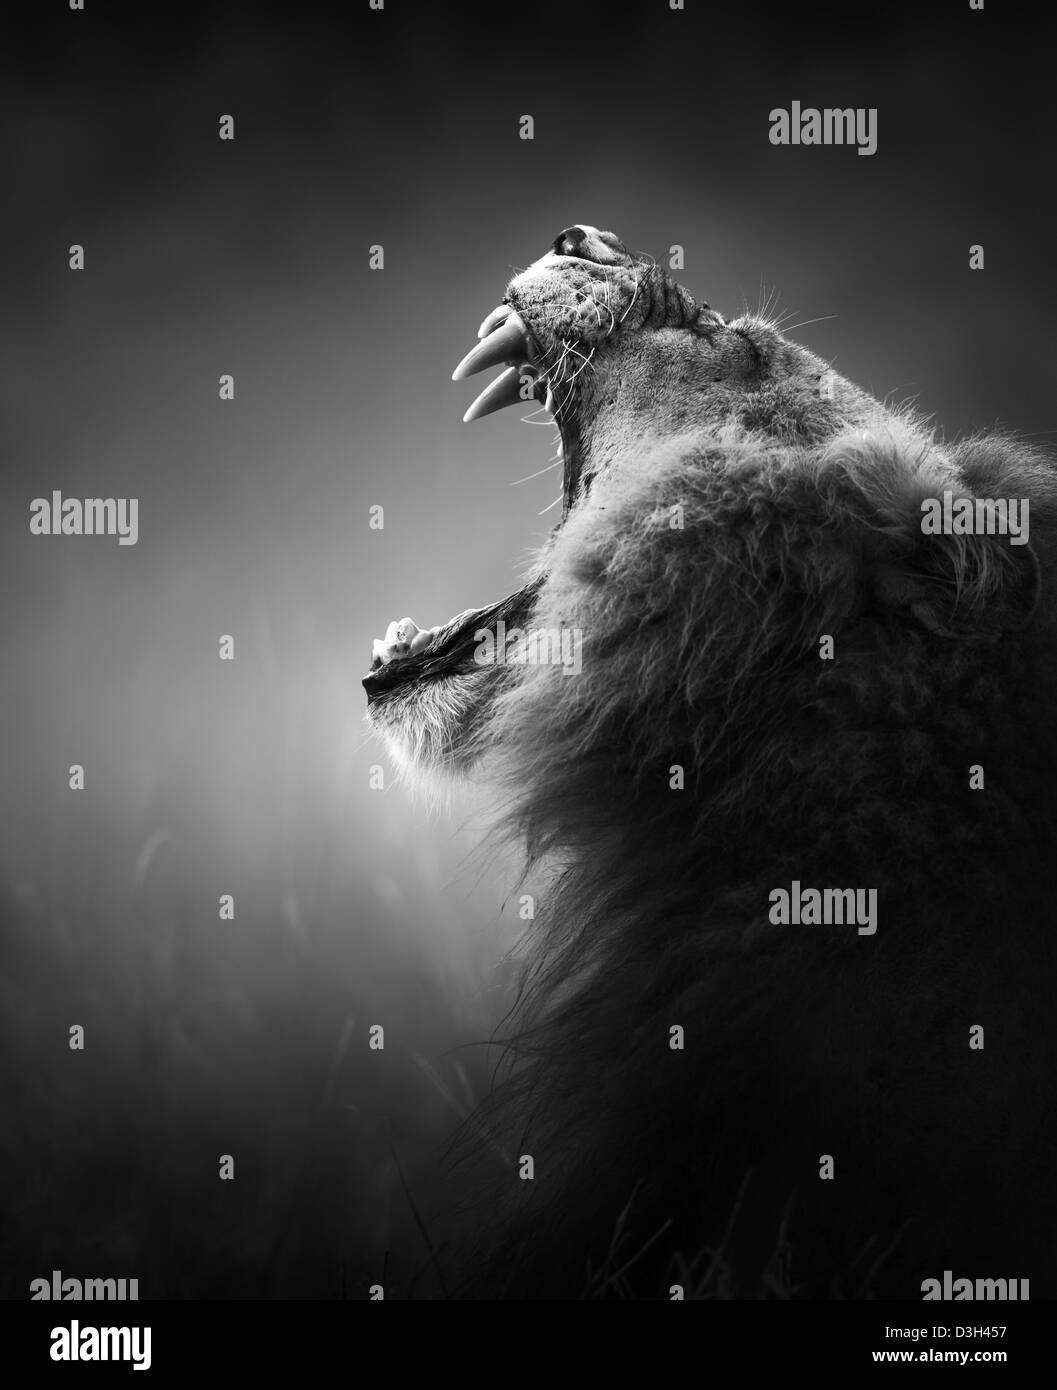 Retrato de León - Parque Nacional Kruger - Sudáfrica (procesamiento artístico) Imagen De Stock